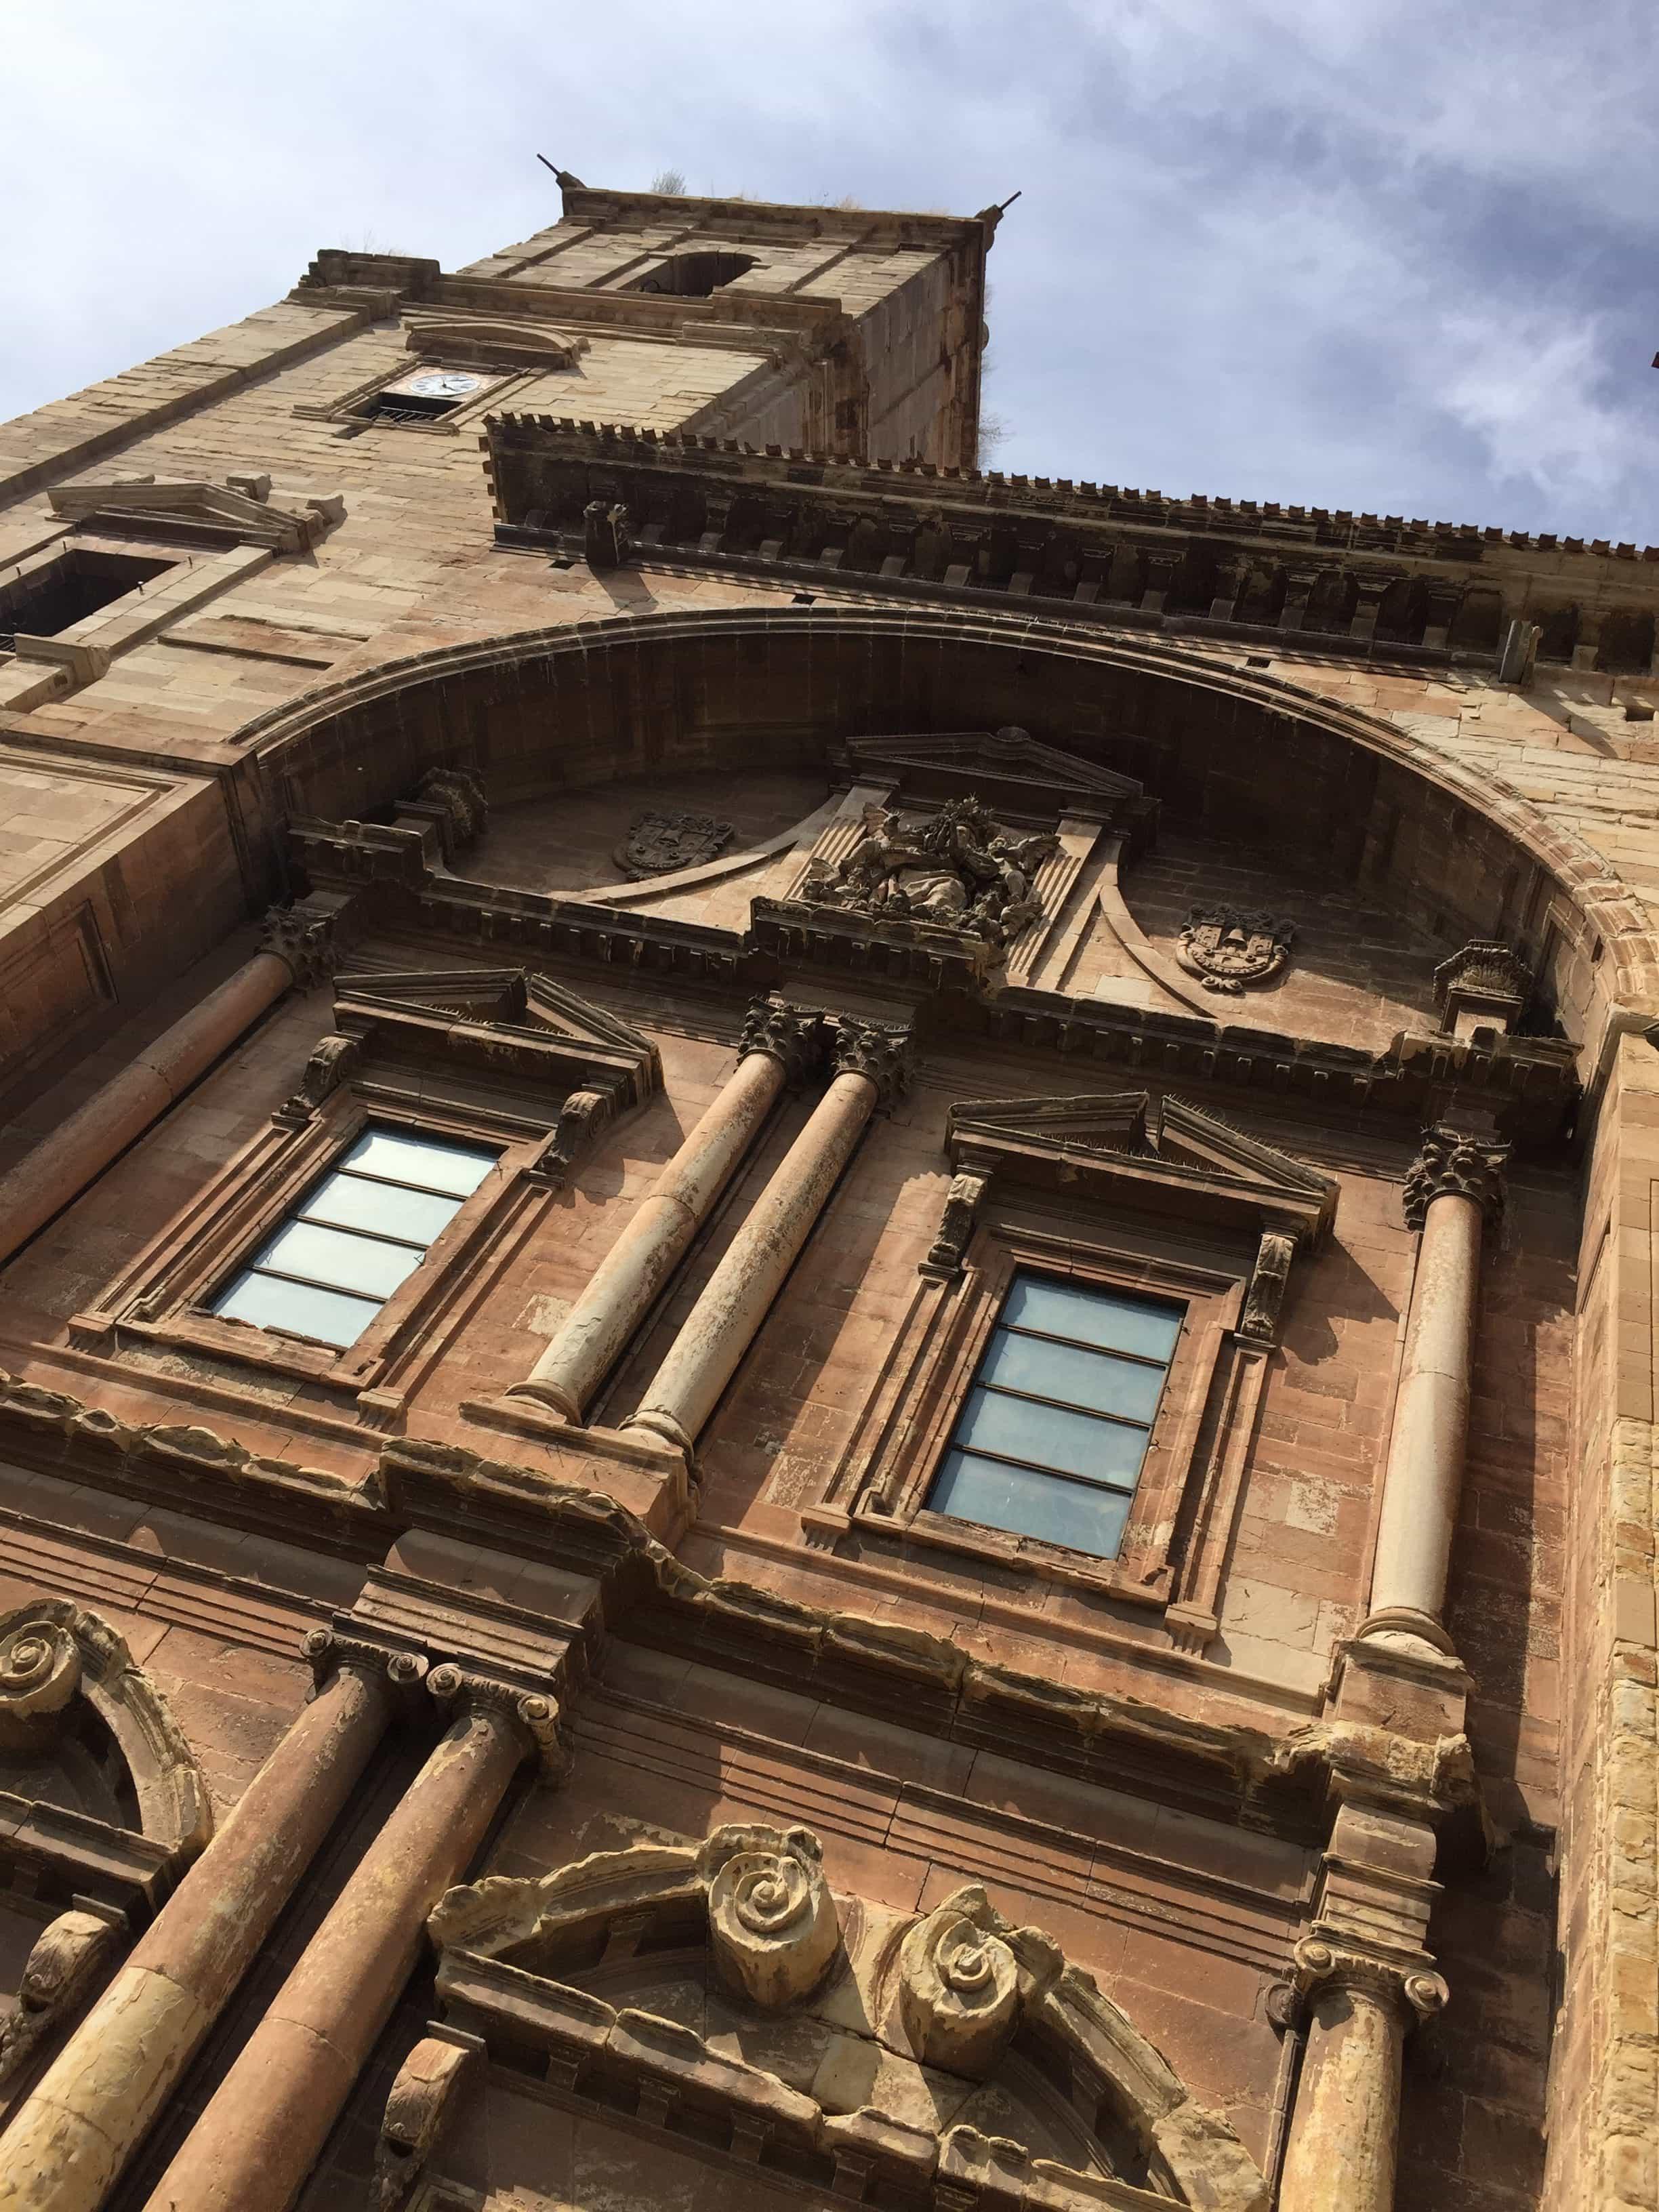 Architecture in Navarette